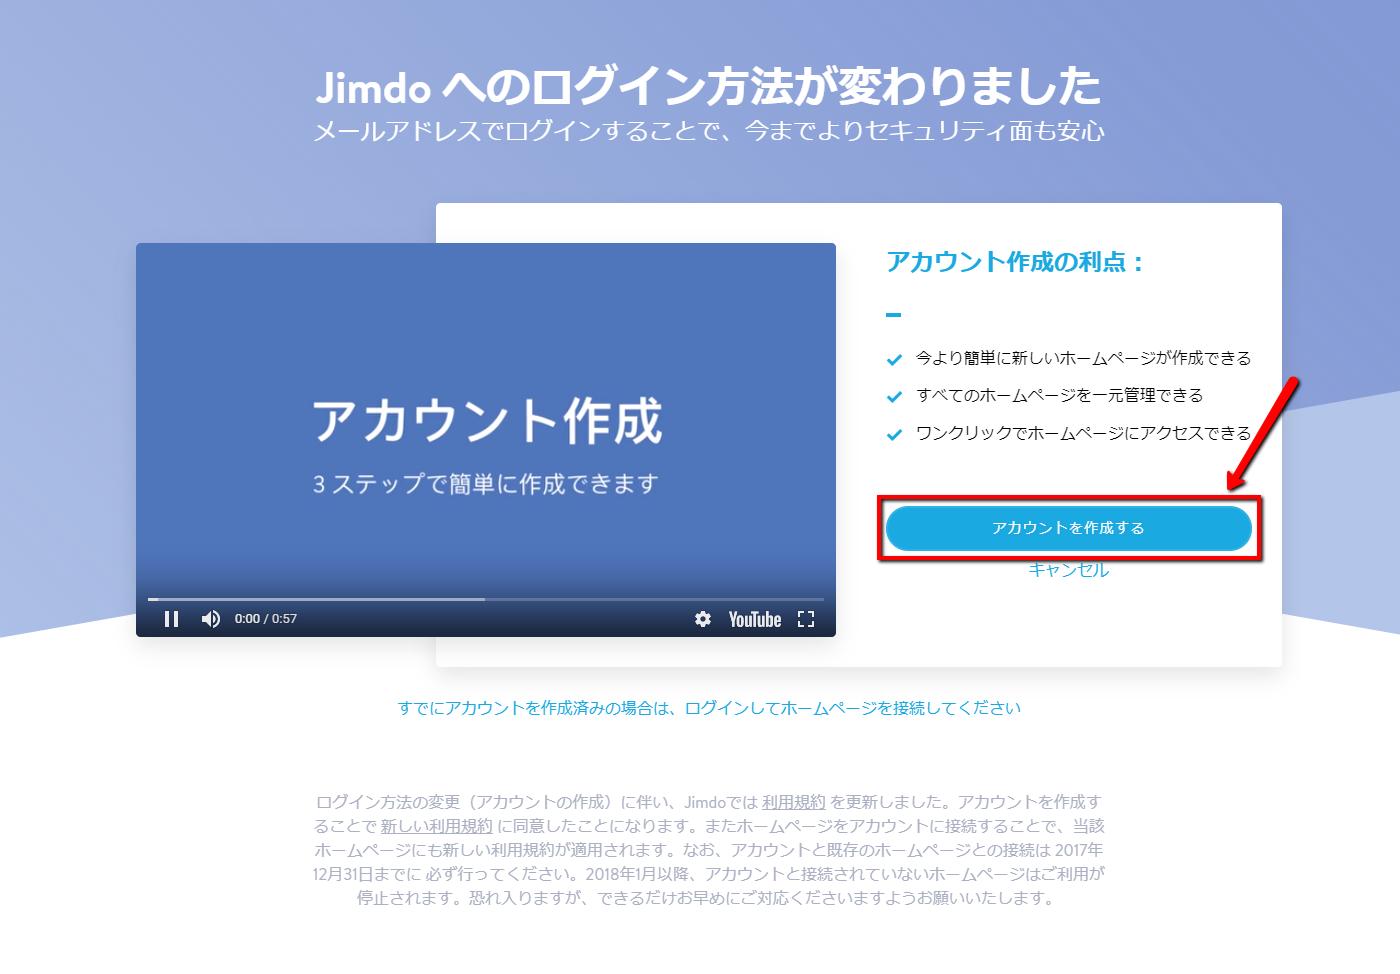 2.「Jimdo へのログイン方法が変わりました」の画面右にある「アカウント作成」をクリック